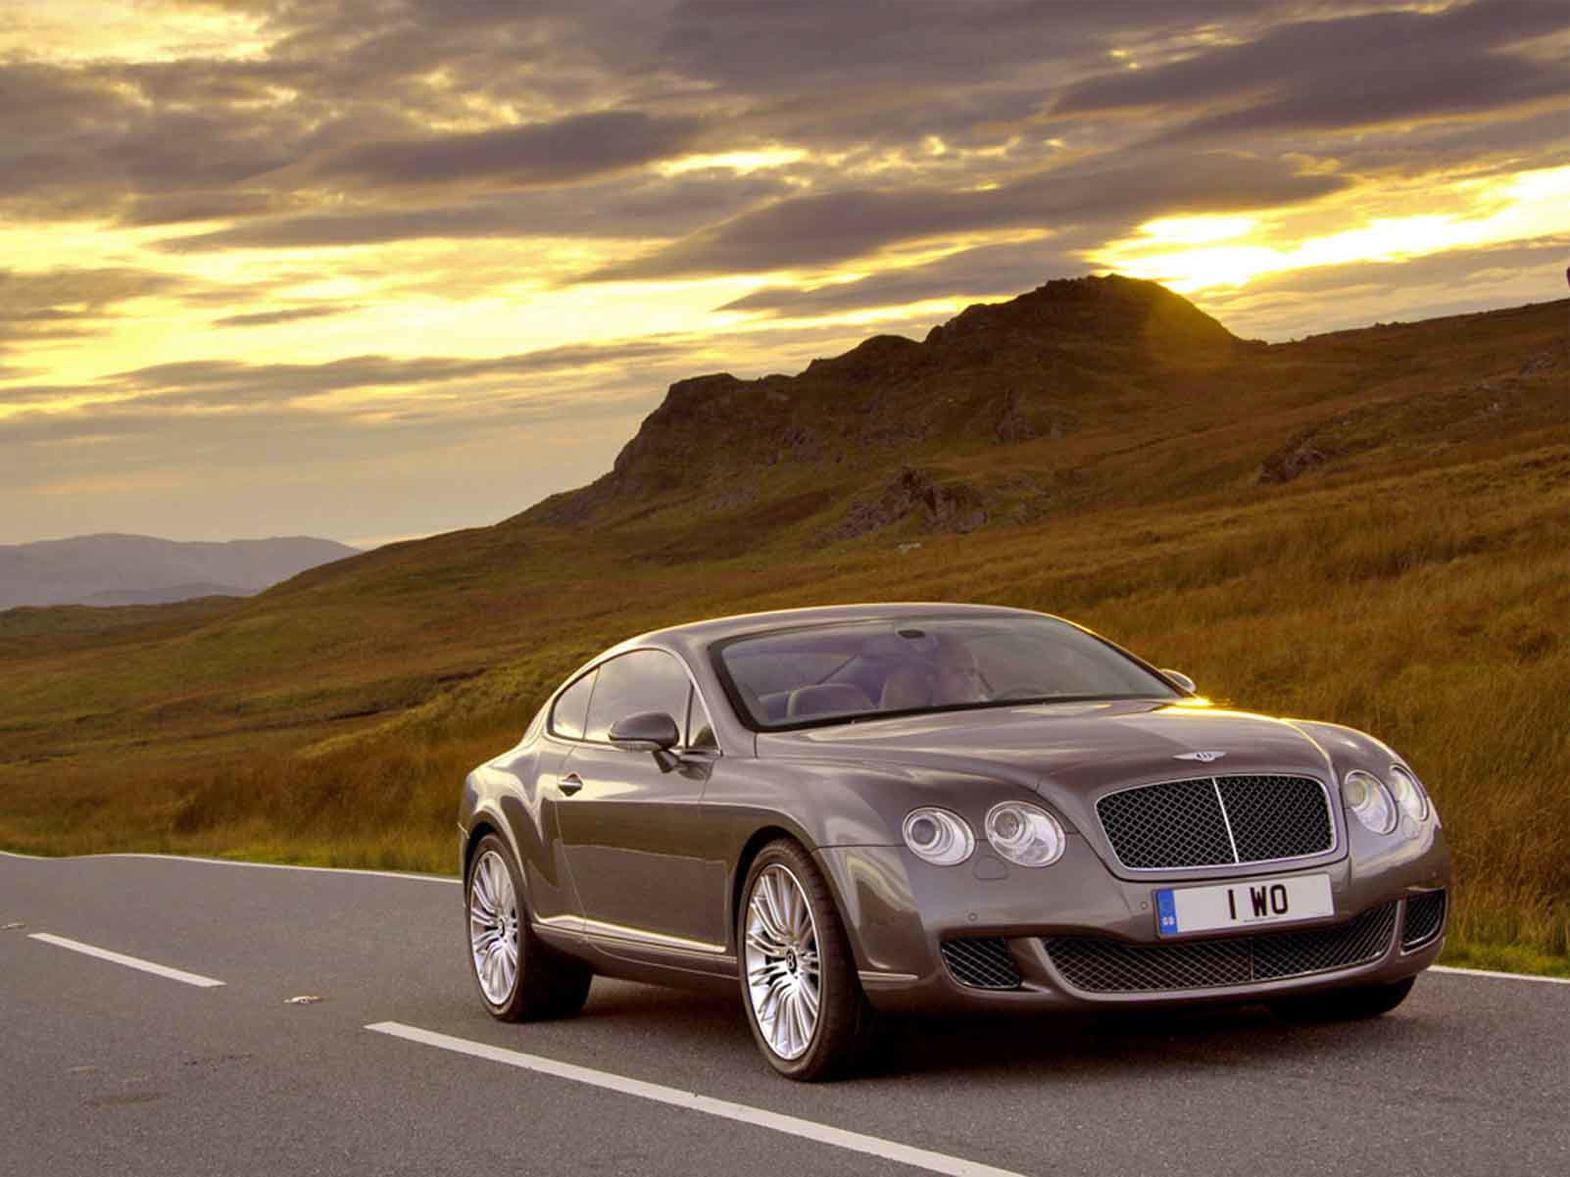 Les nouvelles photos de : Continental-GT-Speed-2009